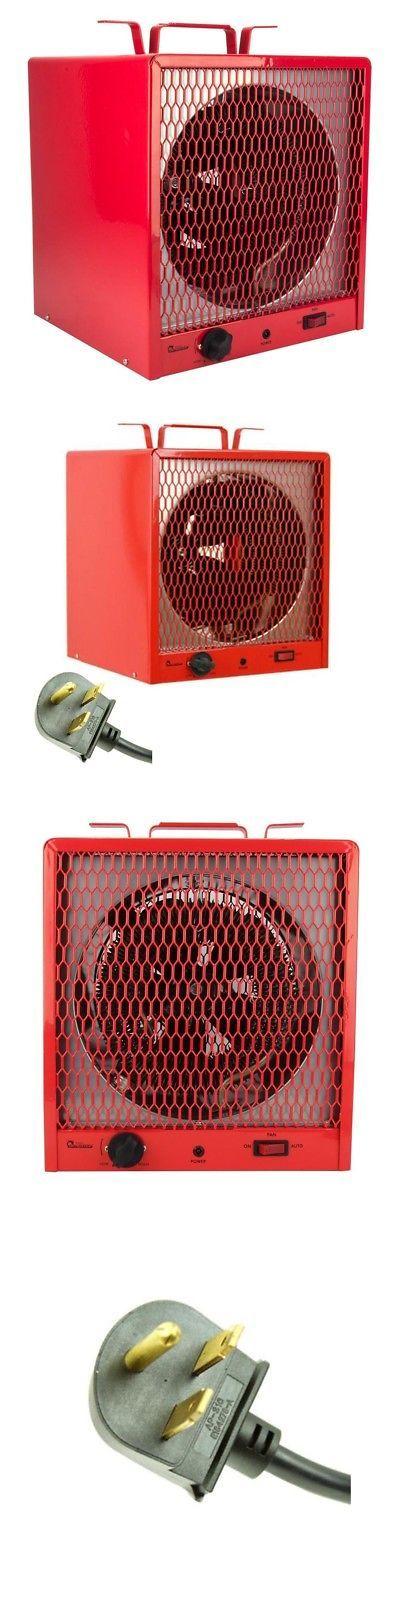 Details about Dr. Infrared Heater 240 Volt 5600 Watt ...